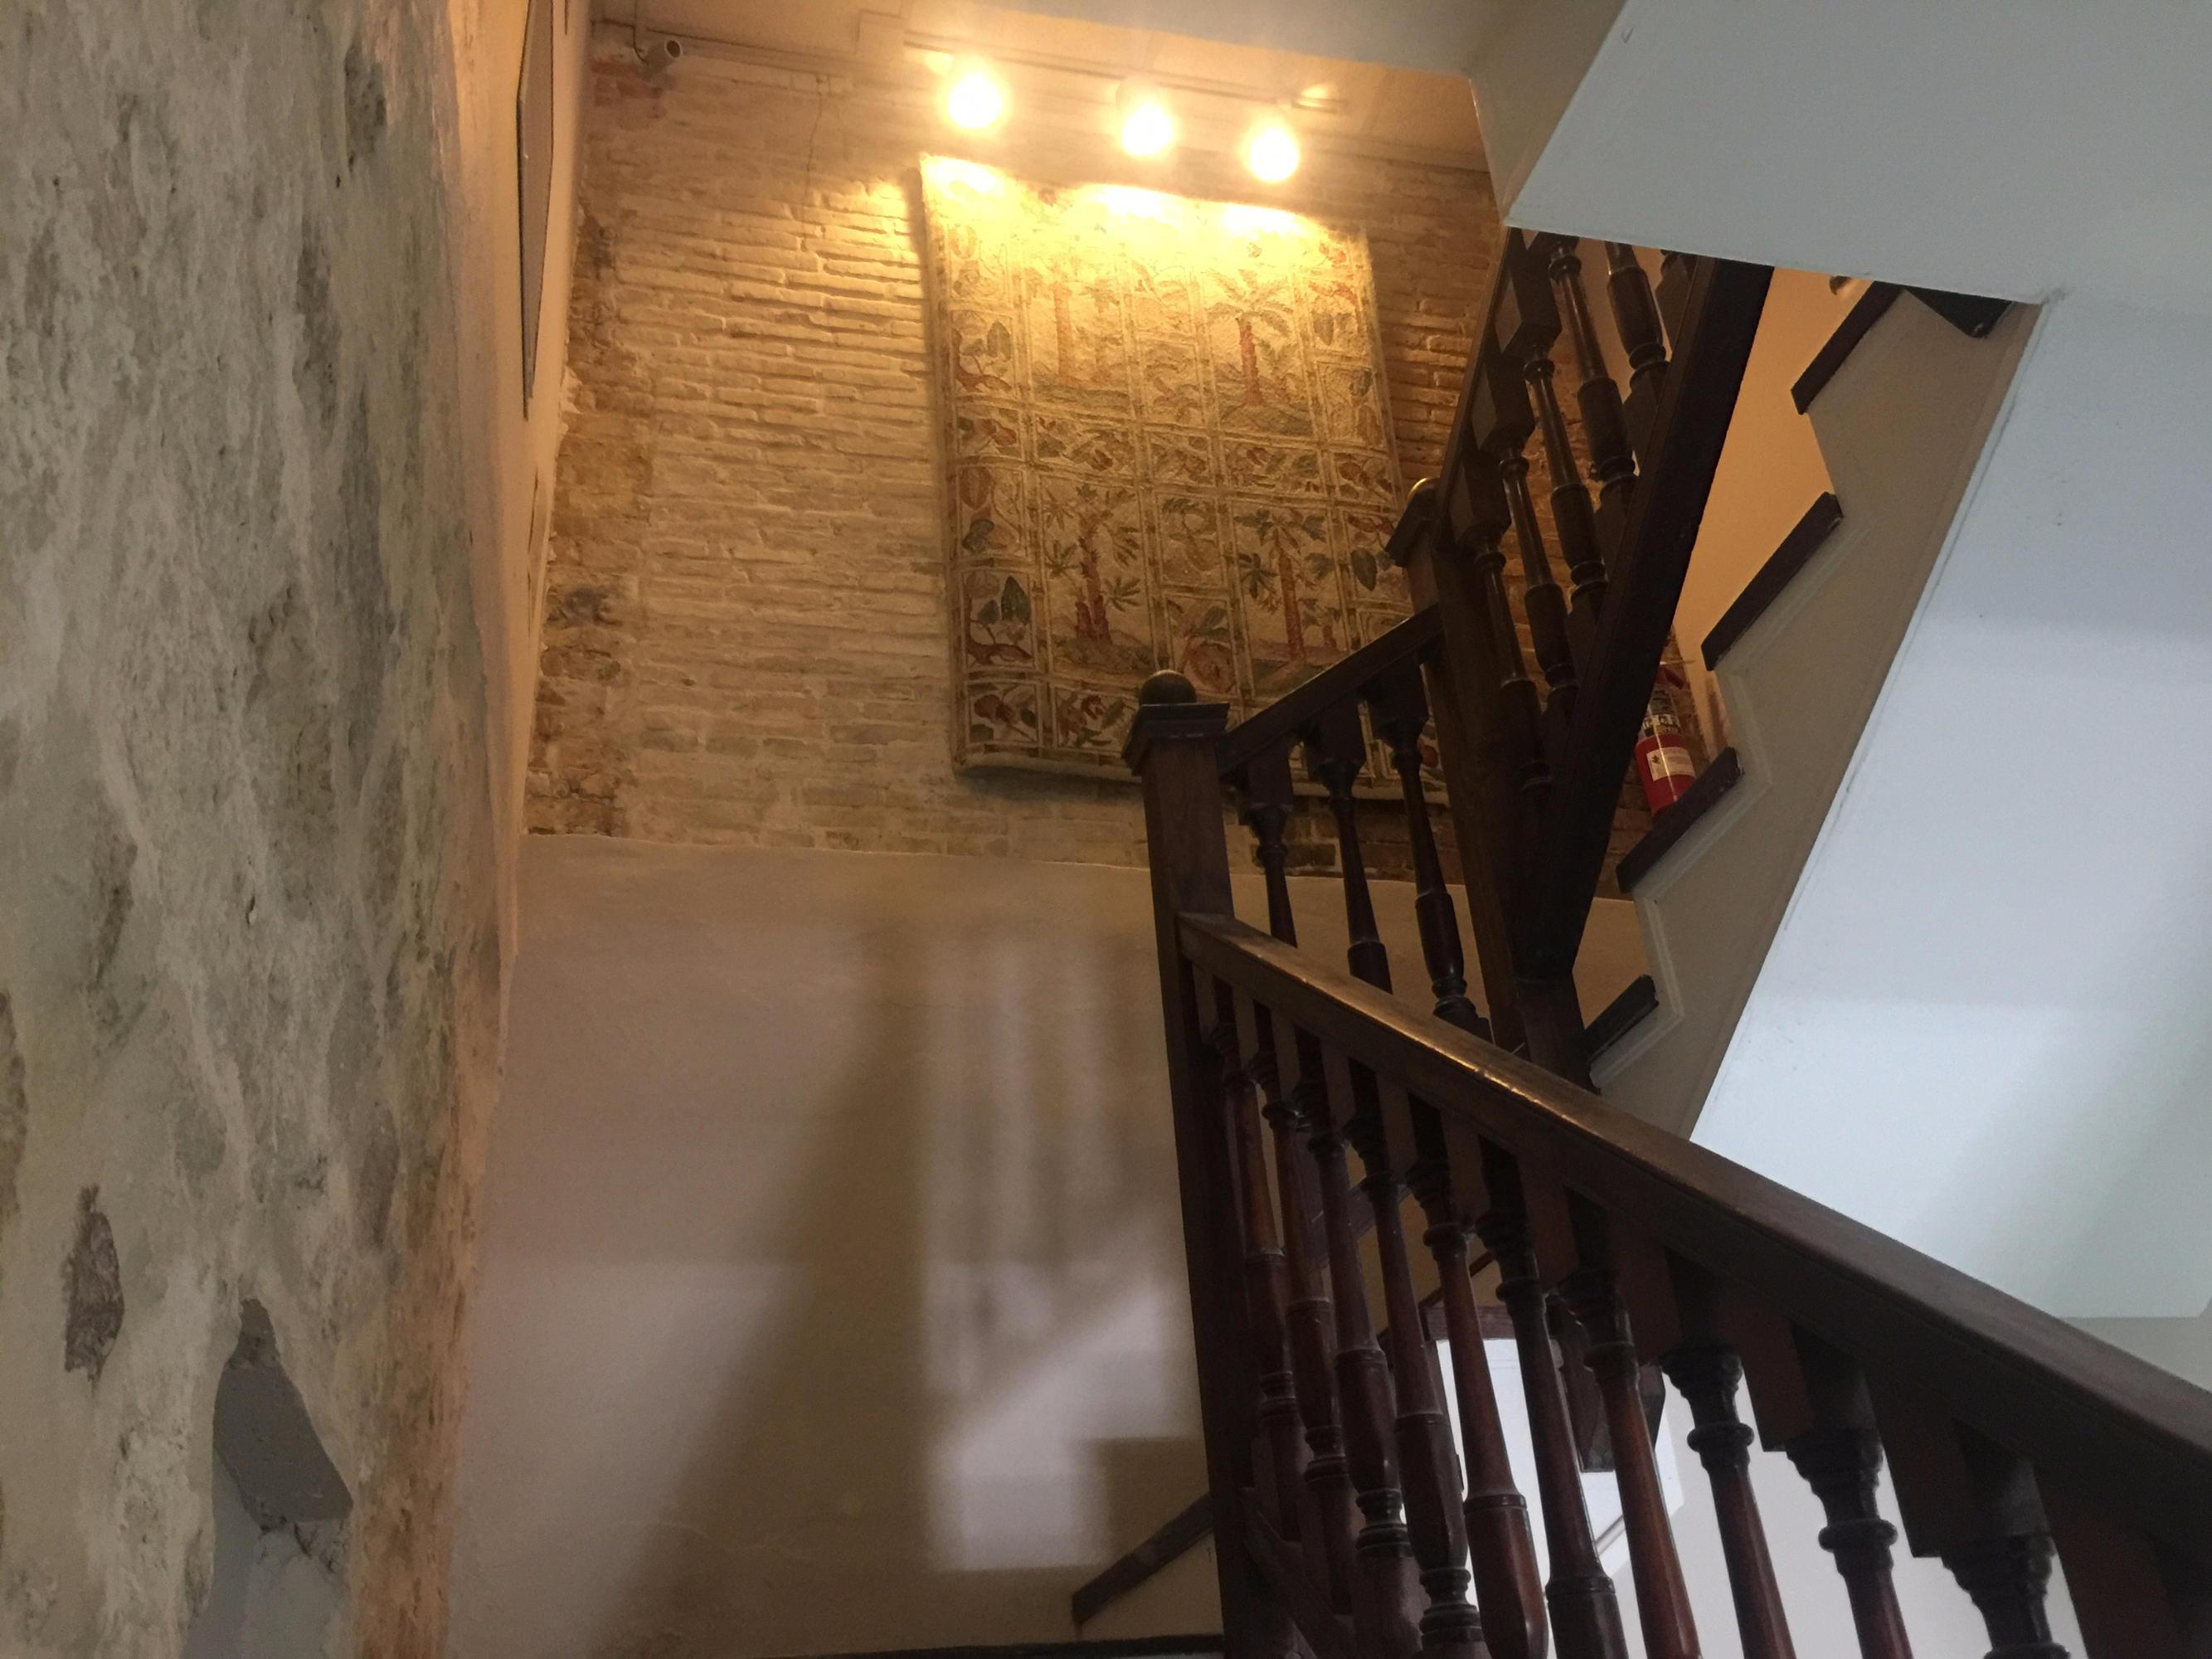 Going towards the 2nd Floor